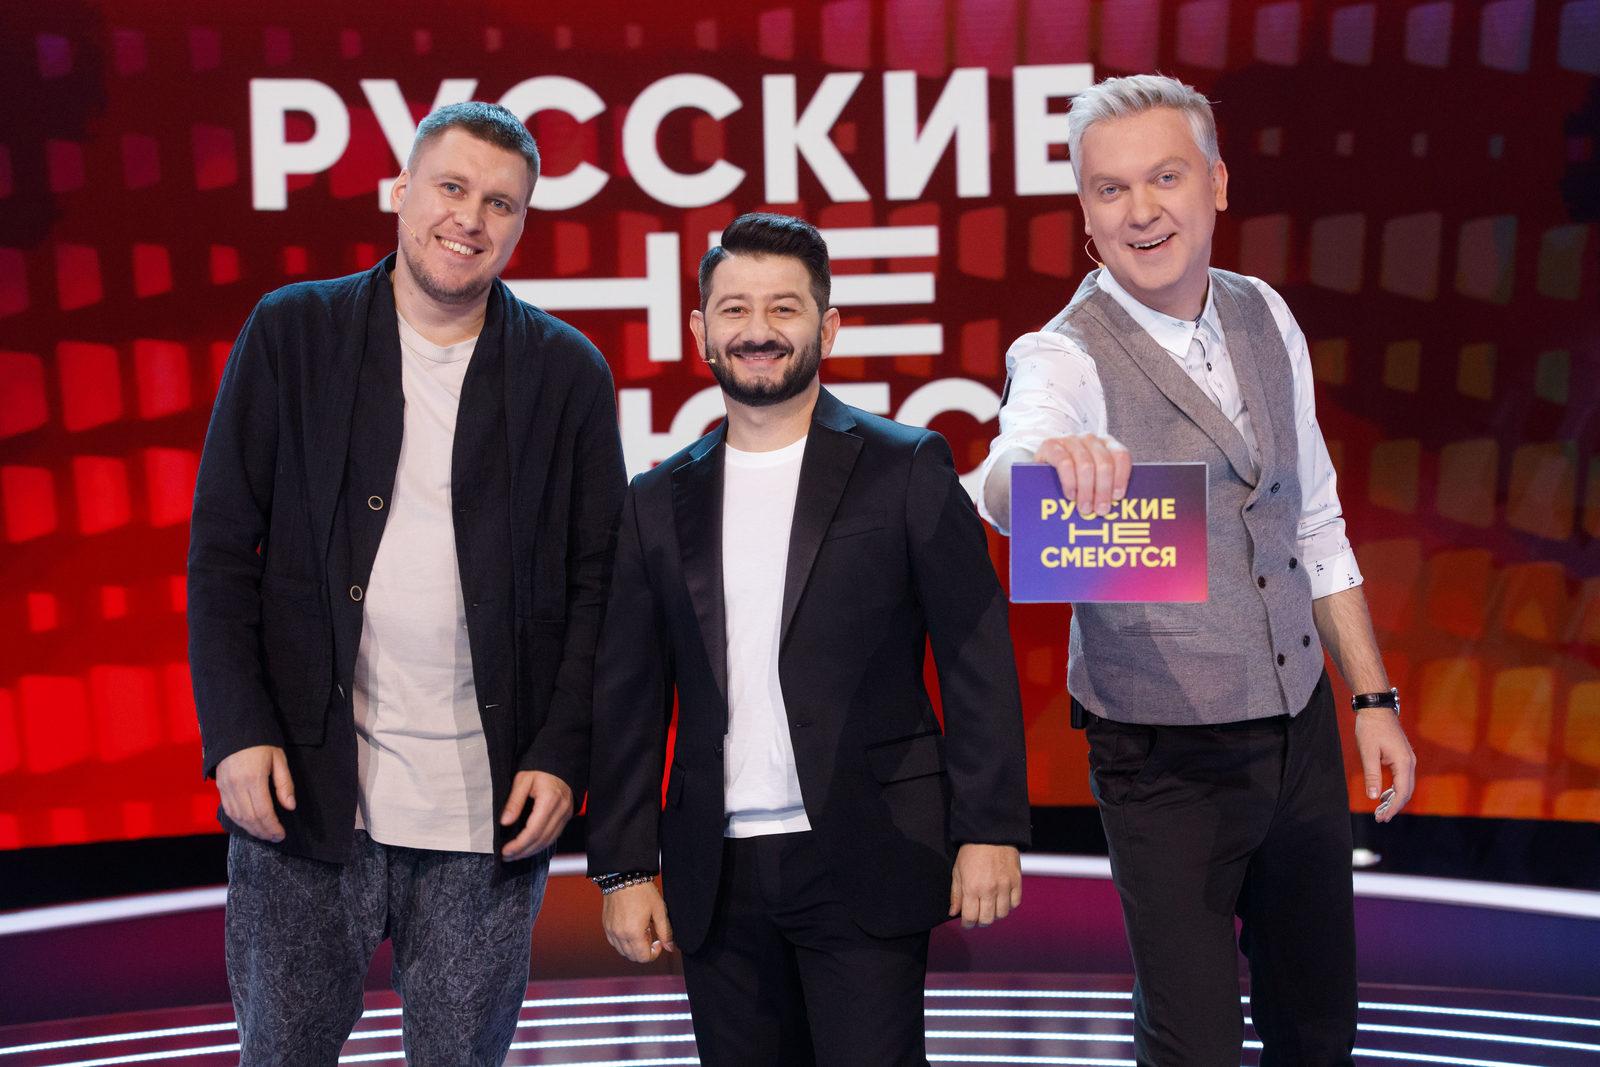 Сергей Светлаков и Александр Незлобин: «В России самоцензуры больше, чем цензуры»